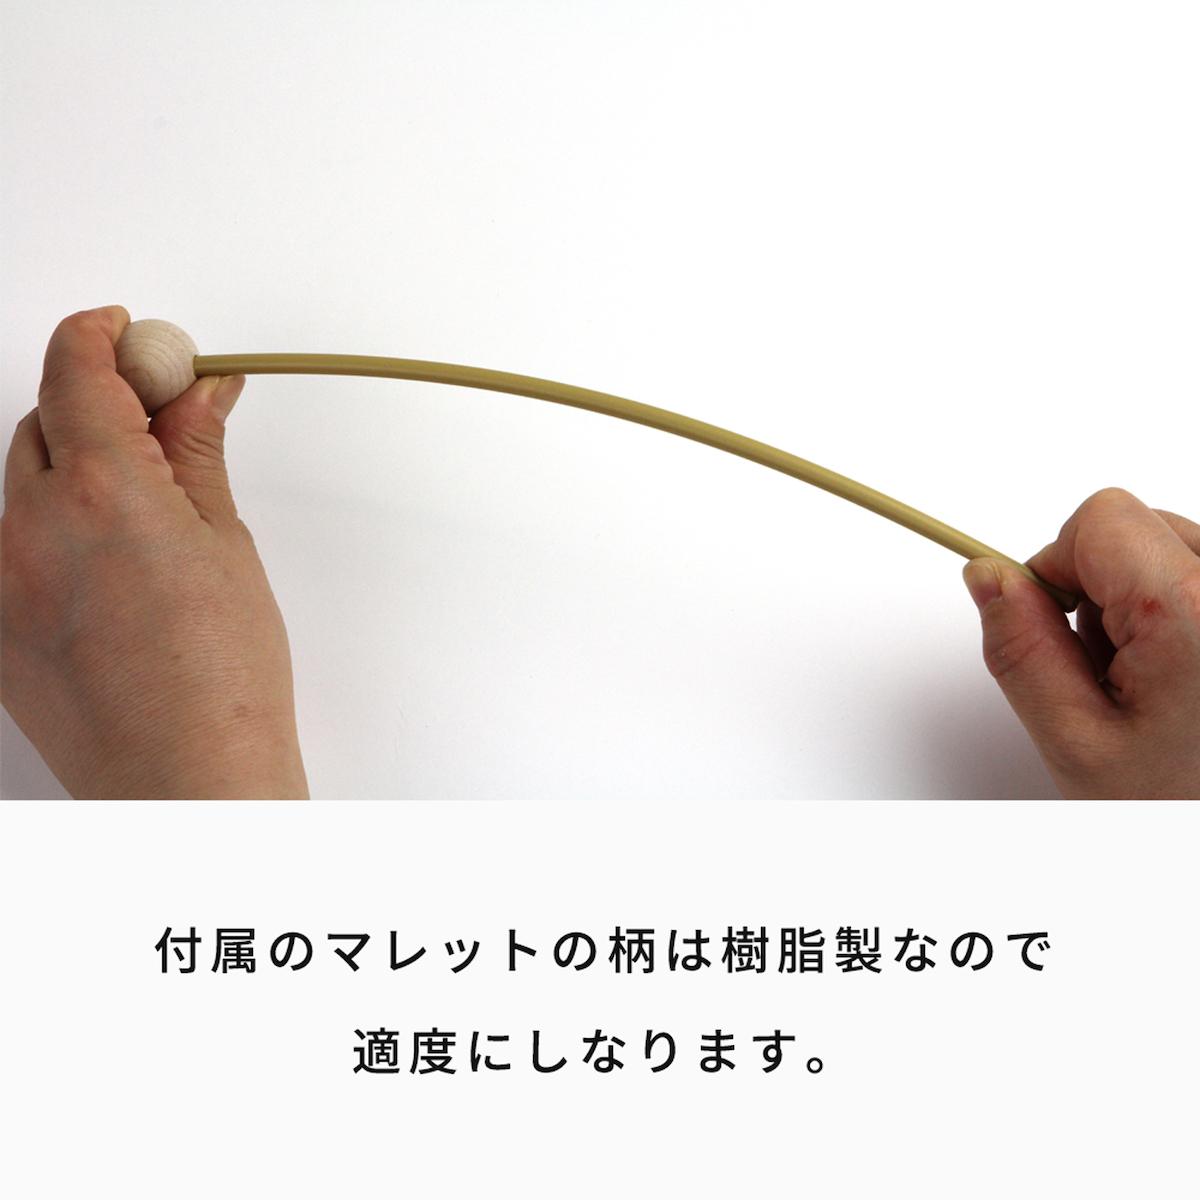 マイパーフェクトサイロフォン ※えいごリズムで使用楽器